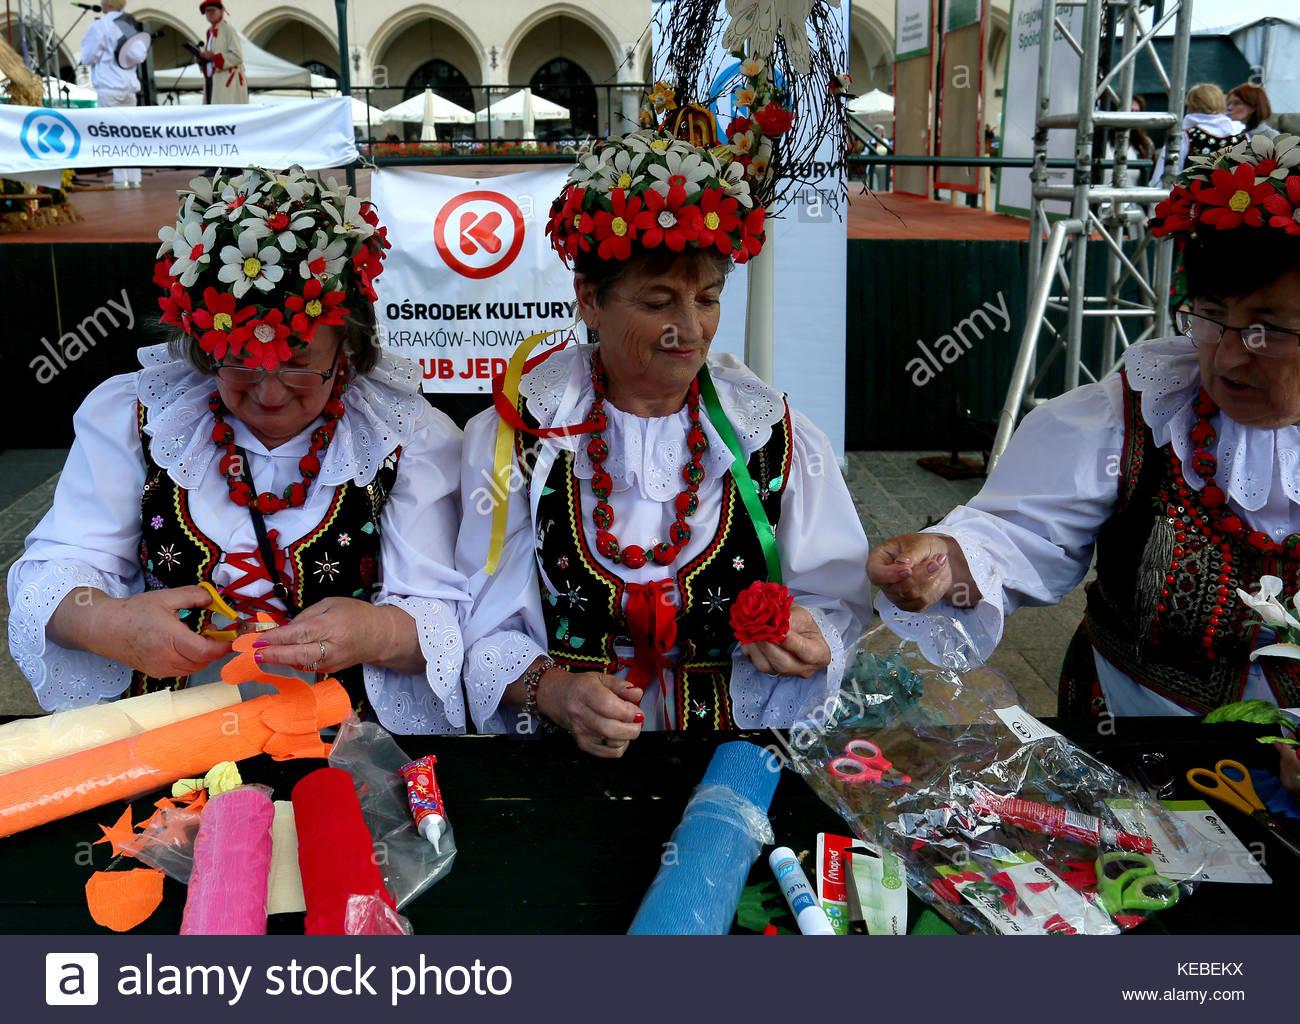 L'artisanat traditionnel, Cracovie, Pologne Banque D'Images, Photo ...